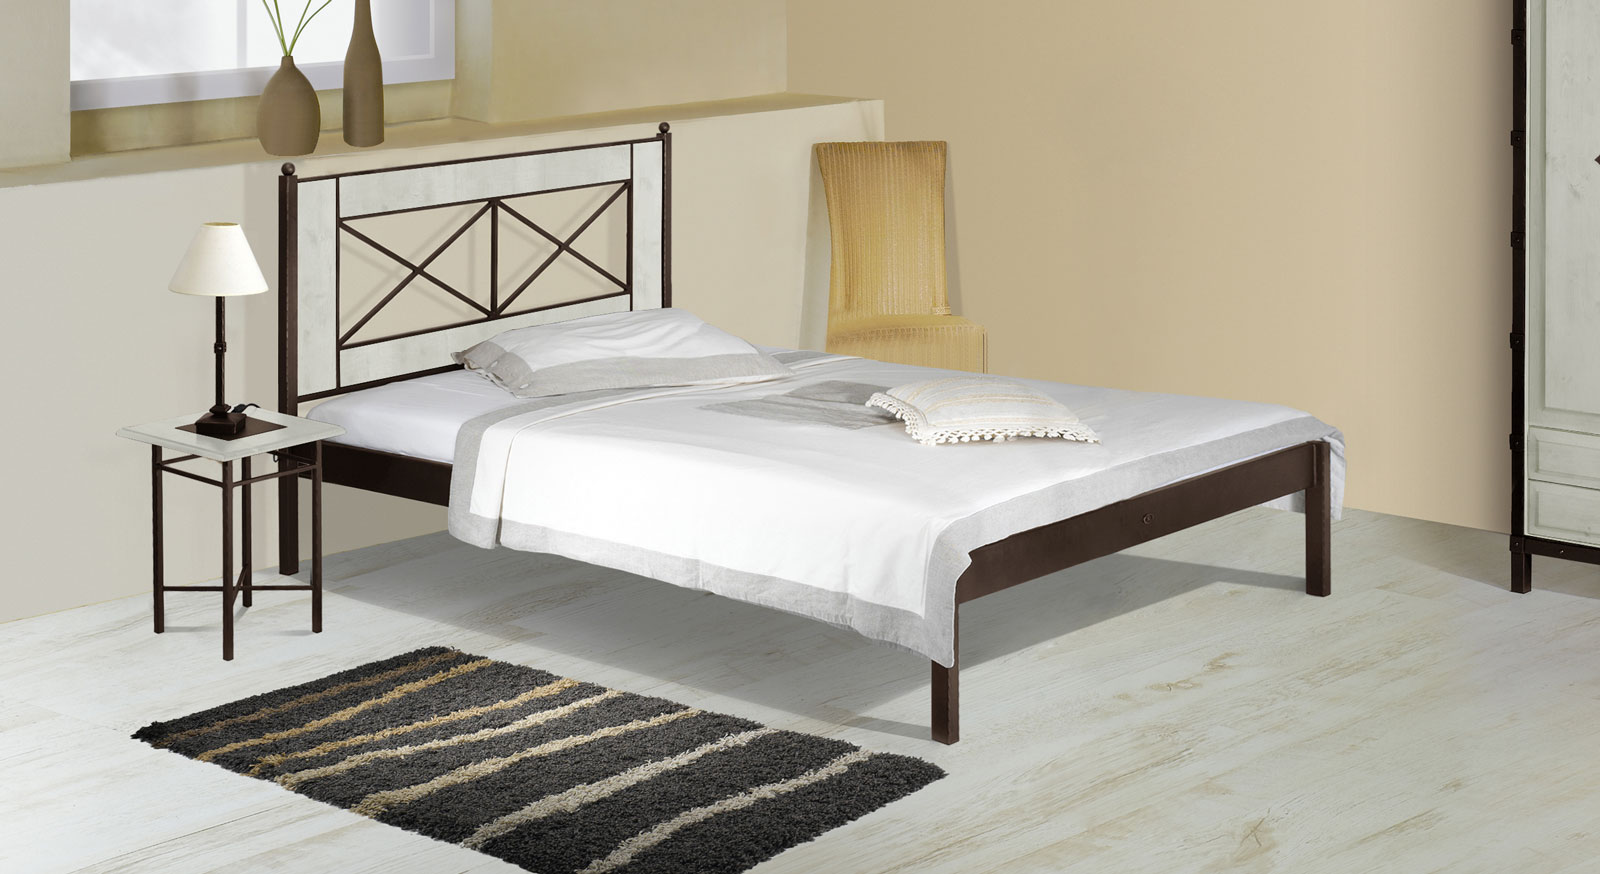 sonstige metallbetten und weitere betten g nstig online kaufen bei m bel garten. Black Bedroom Furniture Sets. Home Design Ideas